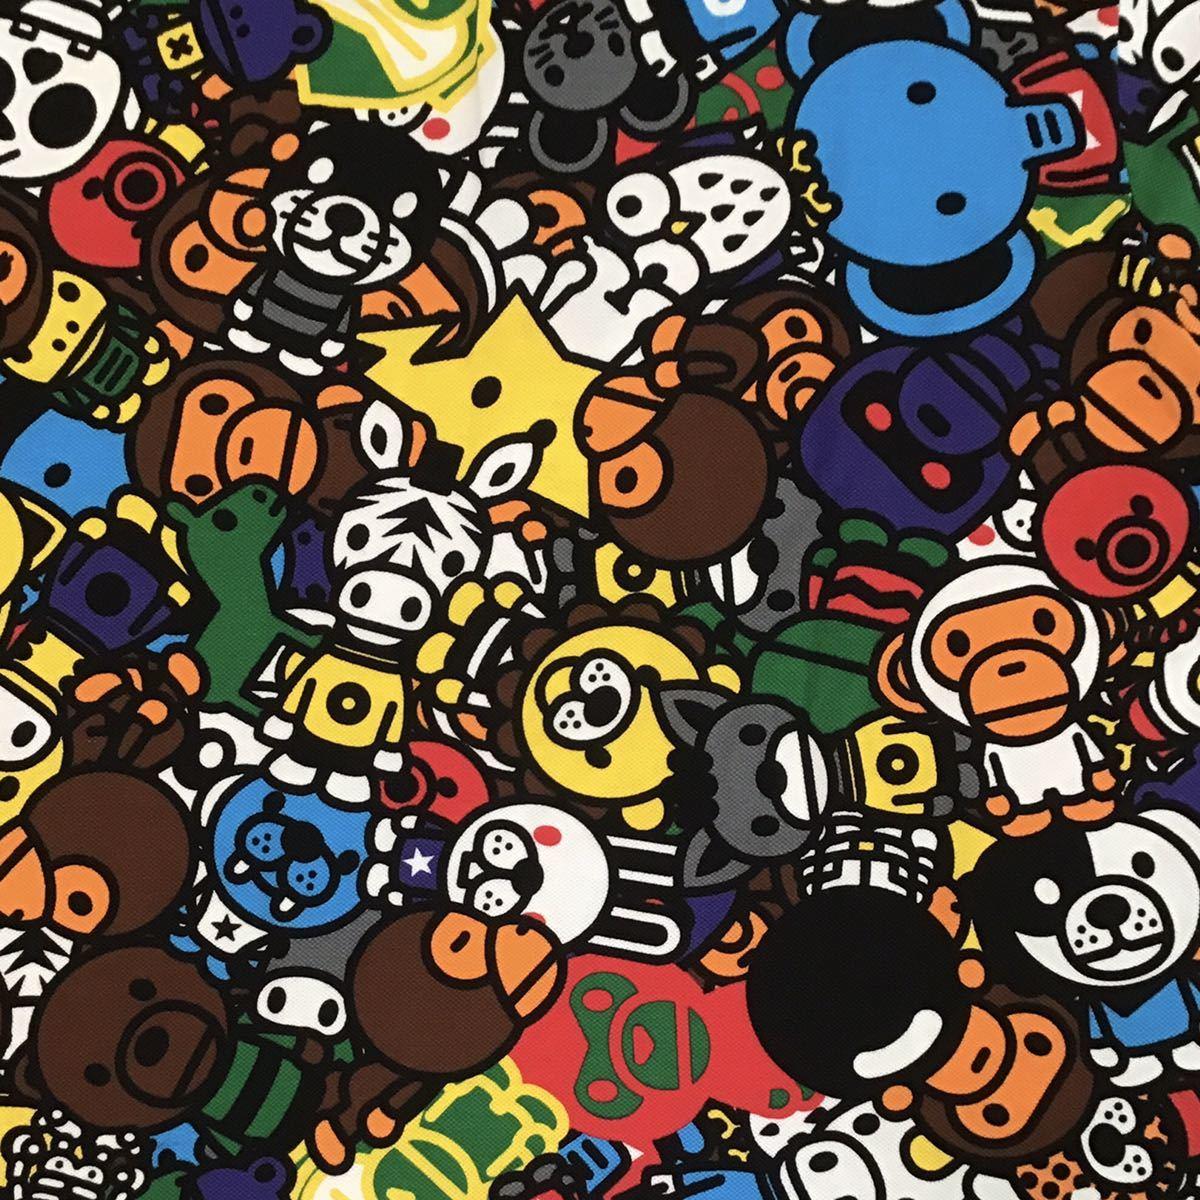 マイロ サファリ ポロシャツ Mサイズ a bathing ape bape baby milo エイプ ベイプ アベイシングエイプ オールスター Safari animal cj52